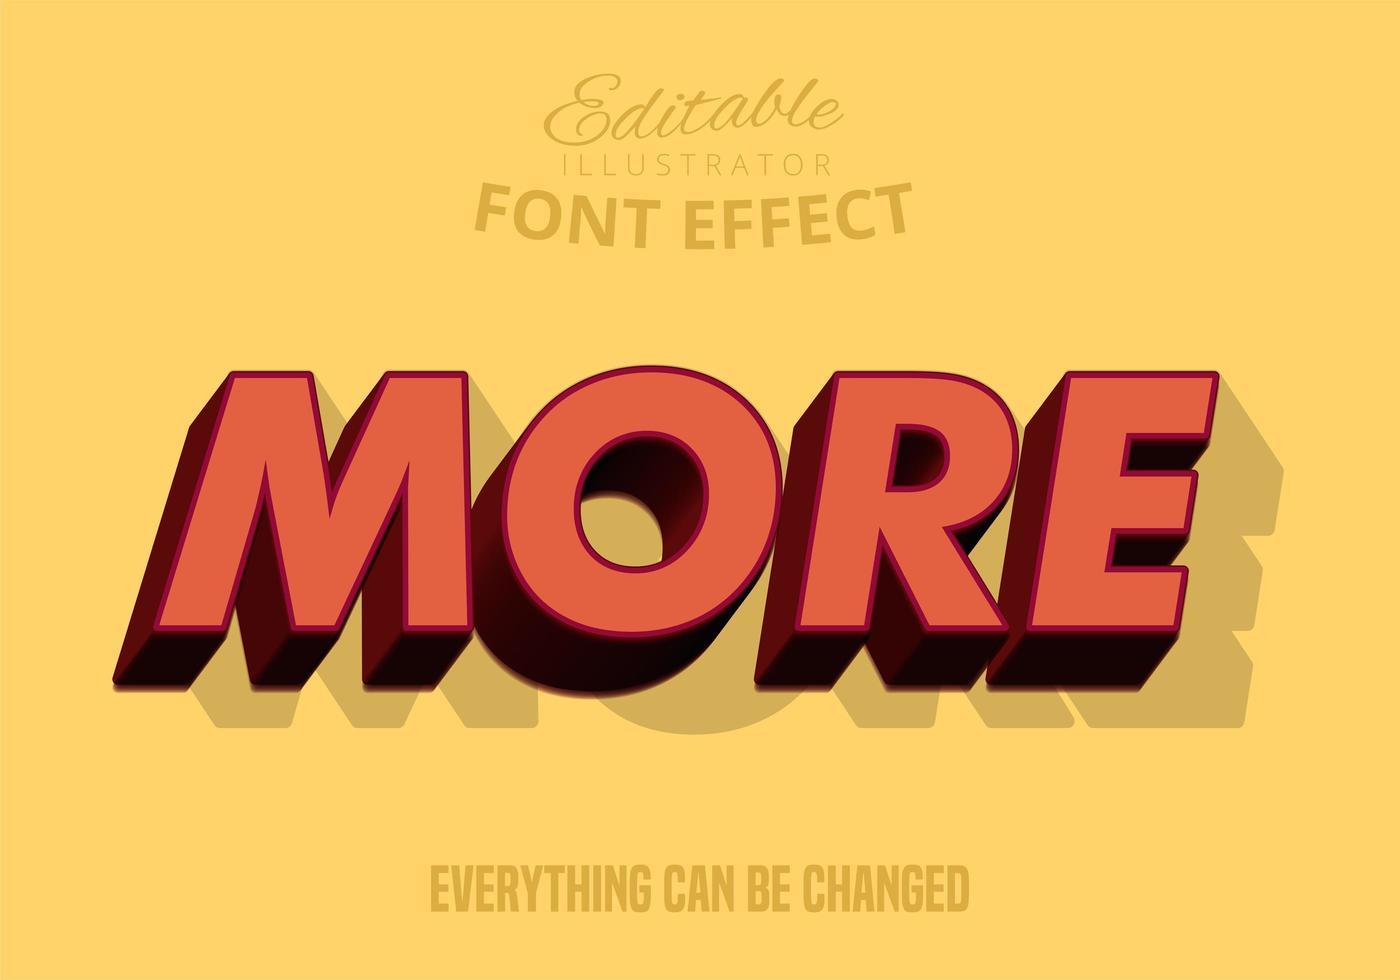 Plus #d Texte ombré, style de texte modifiable vecteur